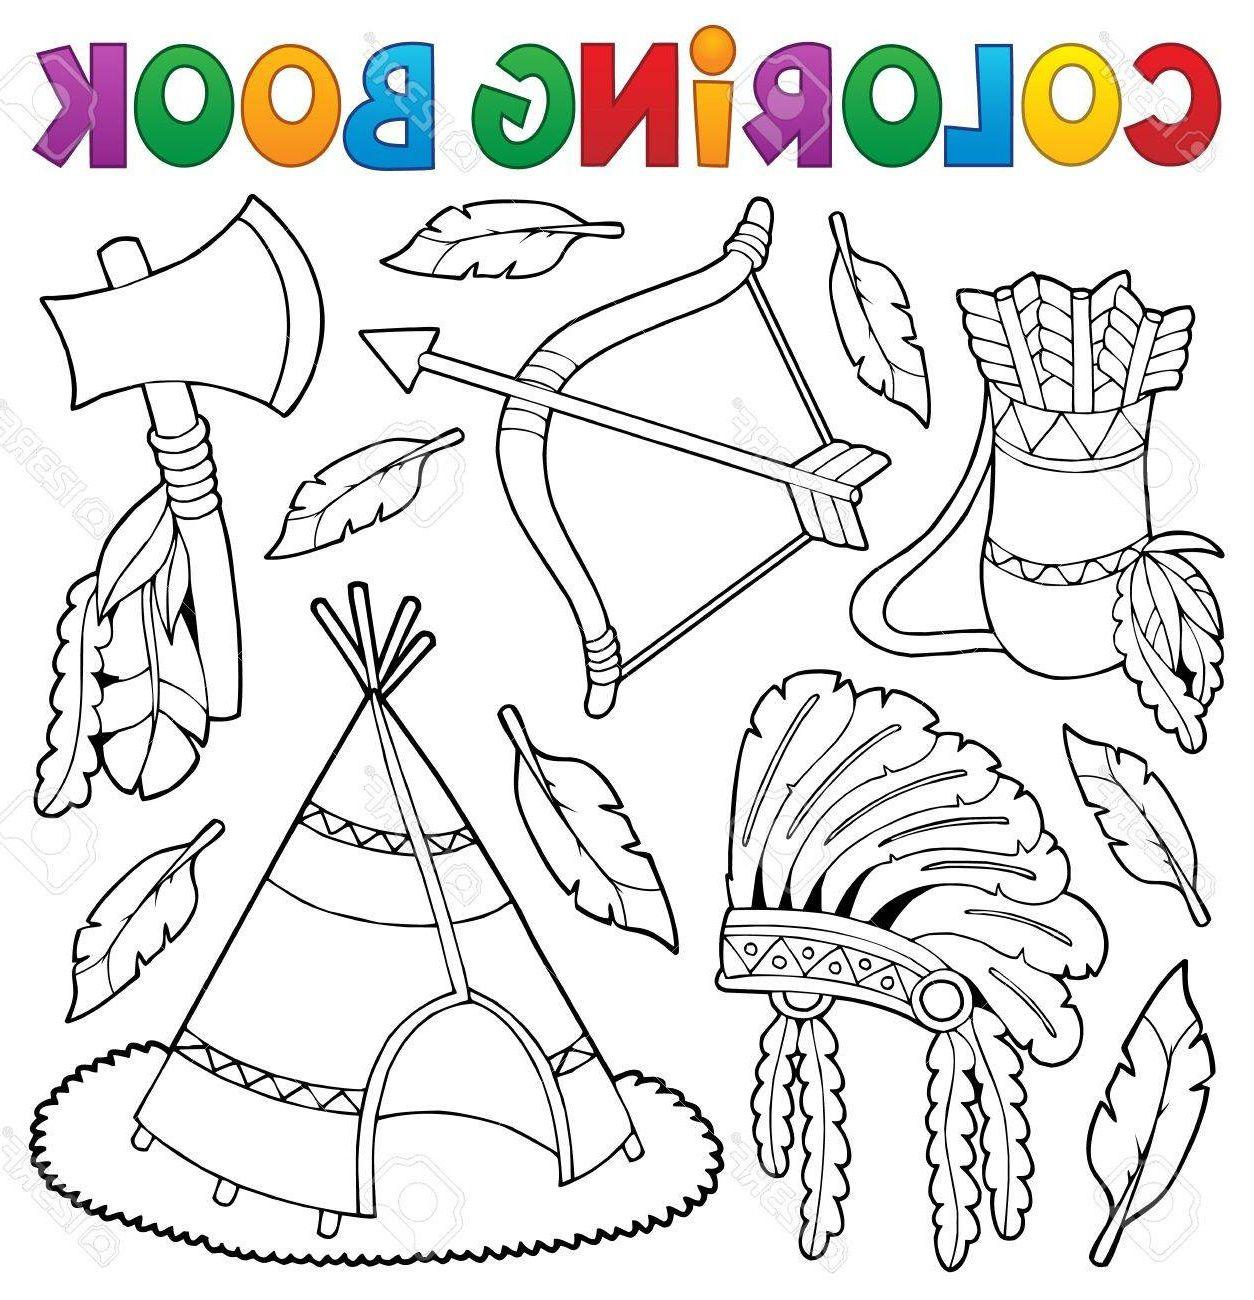 Coloriage Chiffres 1 A 10 #coloriagechiffres avec Coloriage Chiffres 1 À 10